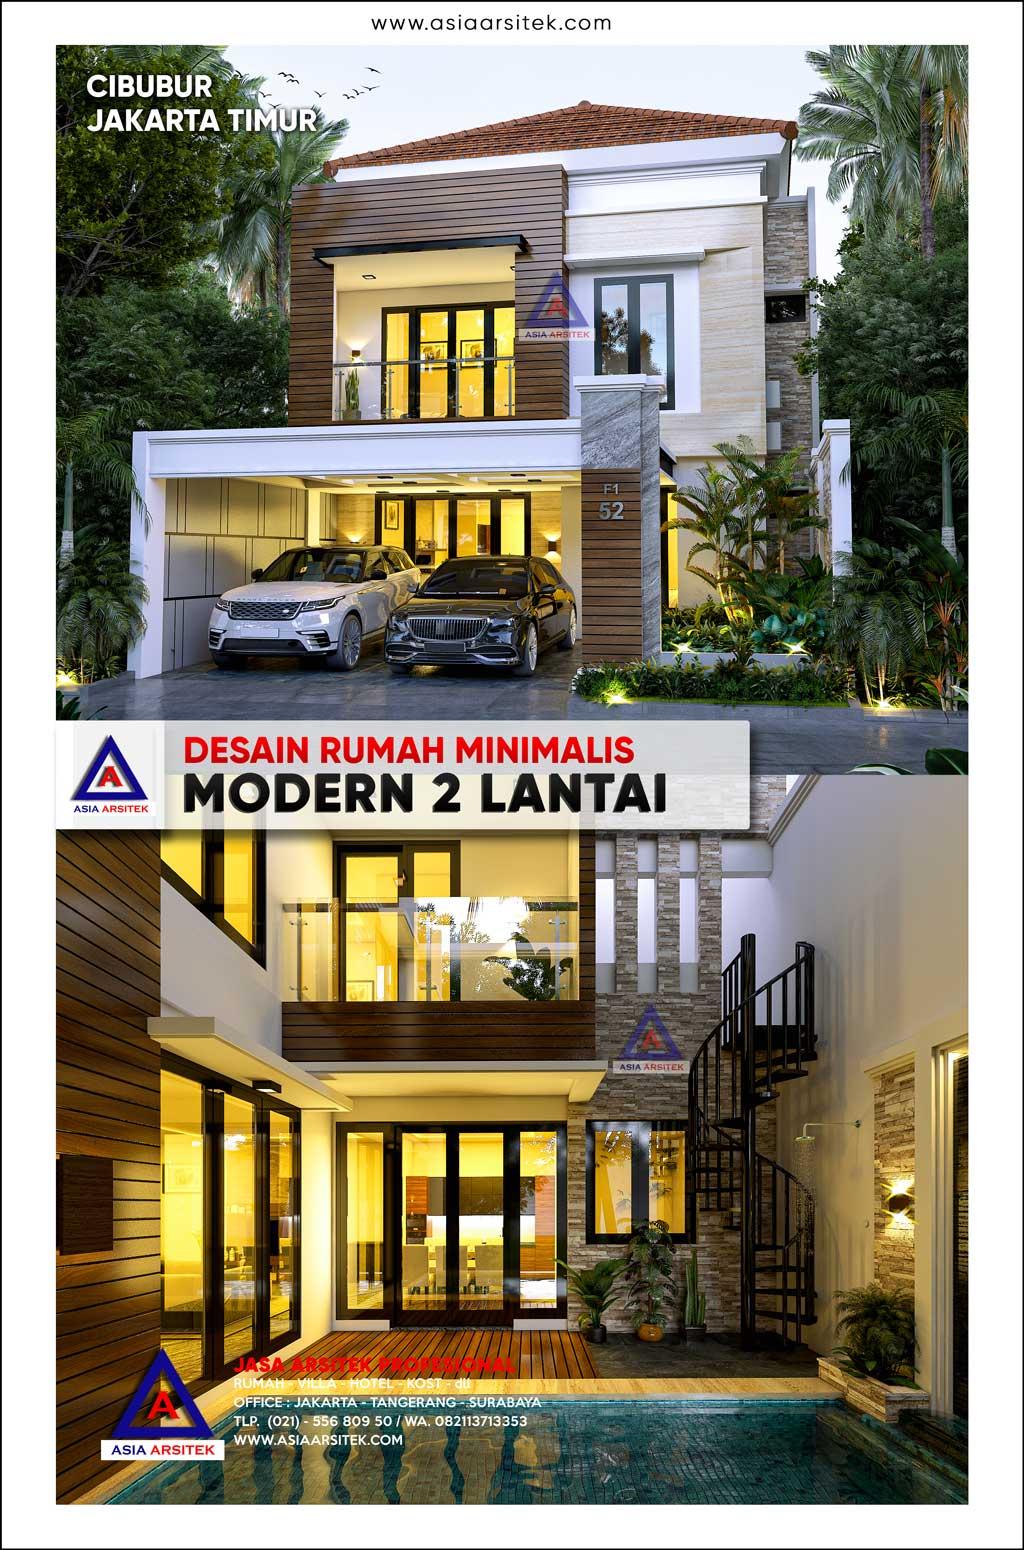 Desain Rumah Mewah Minimalis Modern 2 Lantai 20 X 9 M Di Cibubur